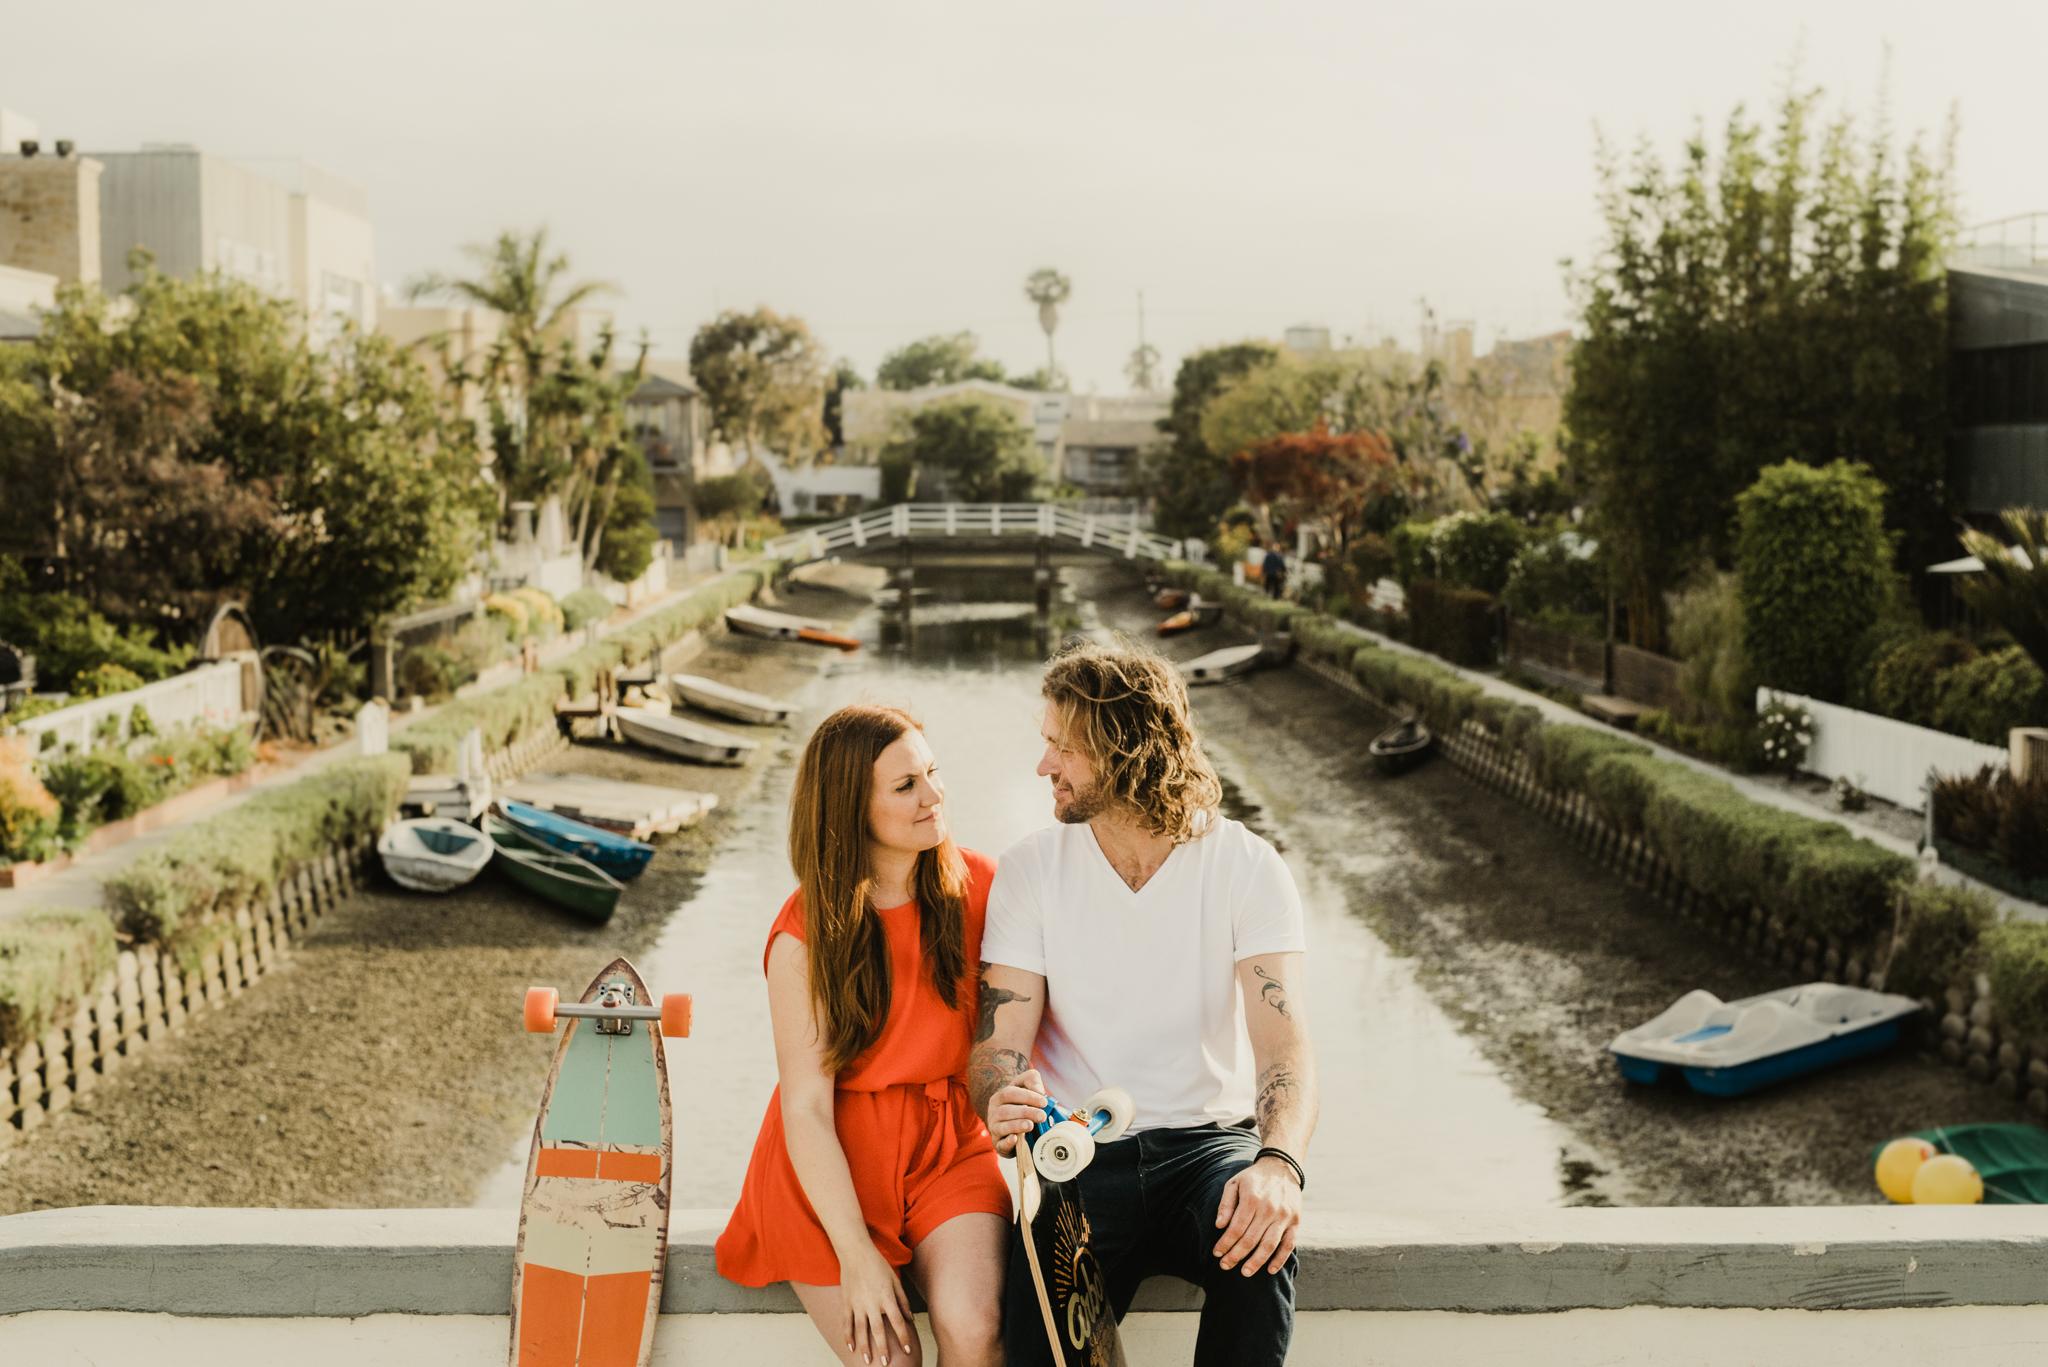 ©Isaiah & Taylor Photography  - Los Angeles Wedding Photographer - Venice Beach-28.jpg